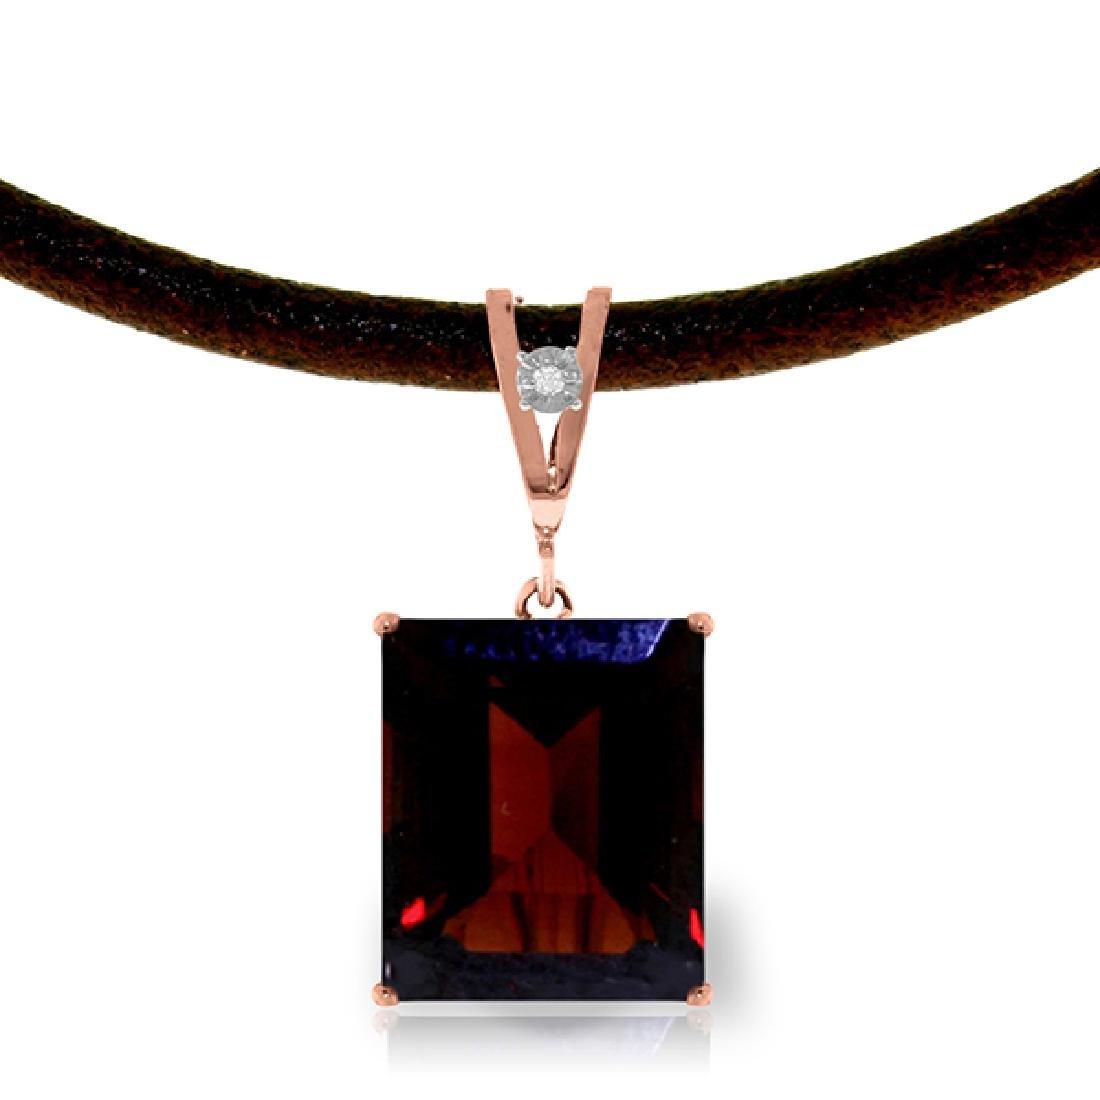 Genuine 6.51 ctw Garnet & Diamond Necklace Jewelry 14KT